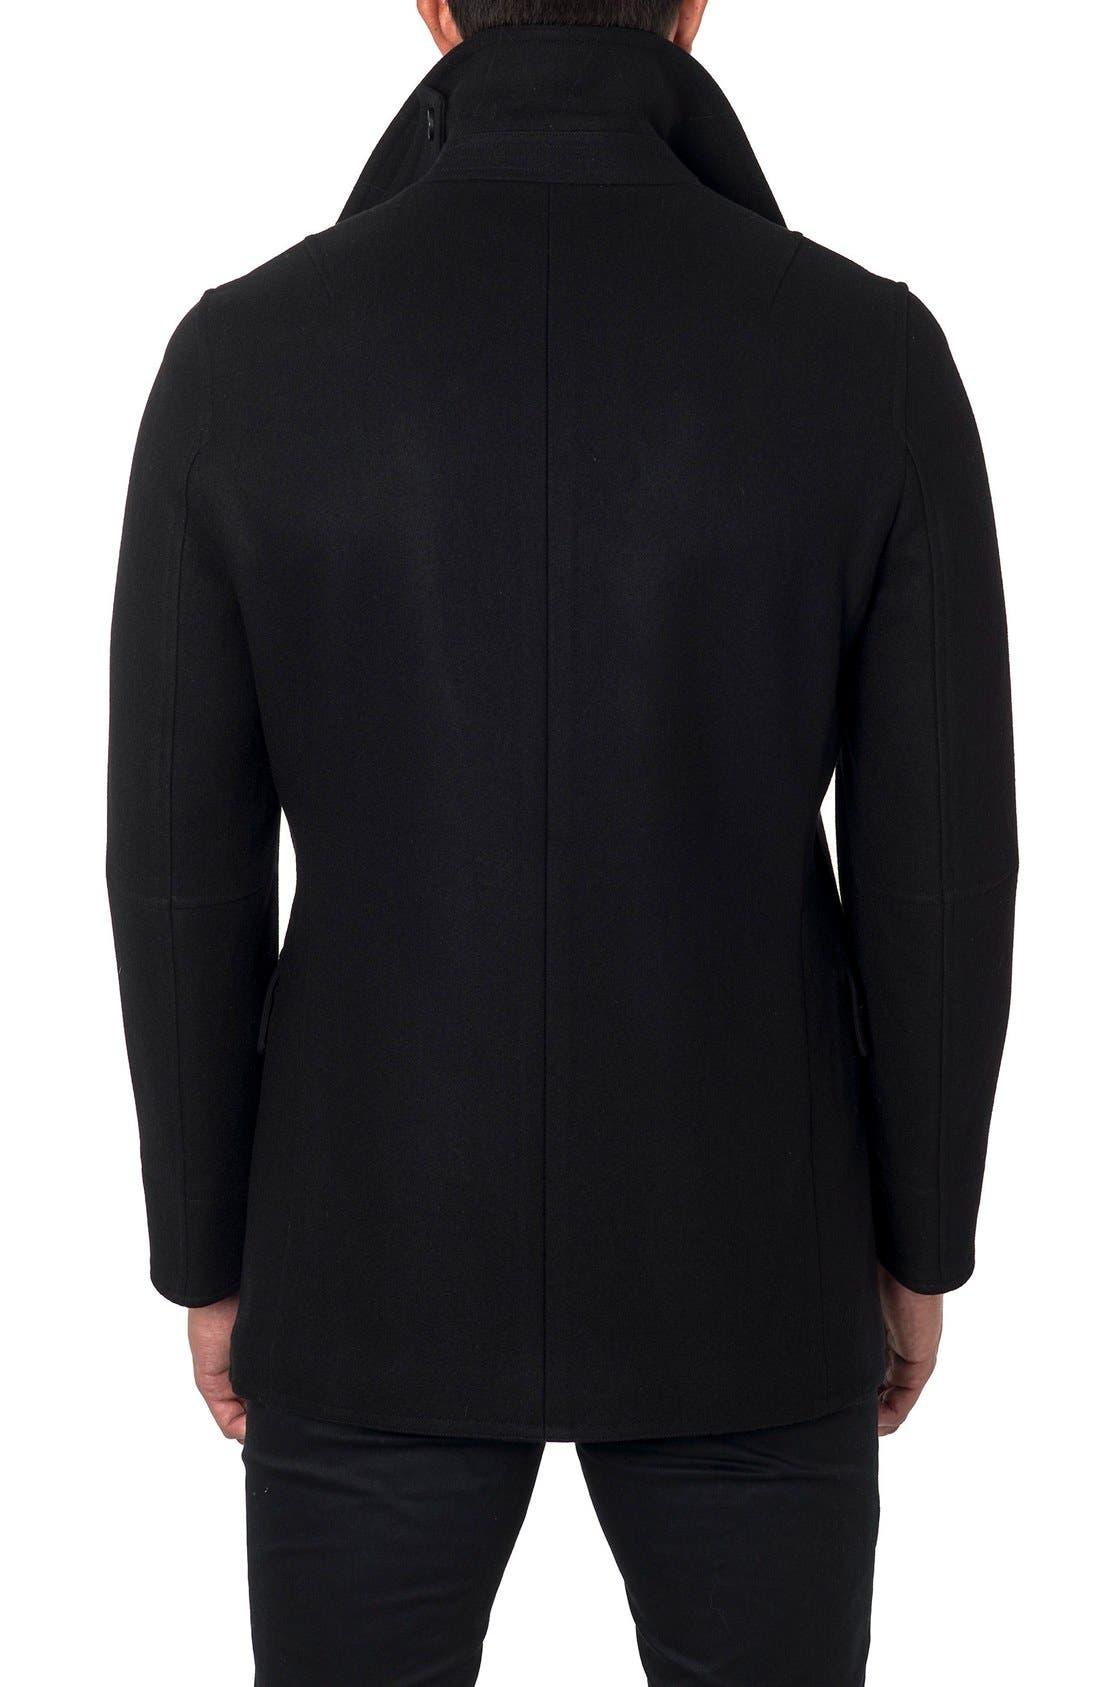 Mens jacket names - Mens Jacket Names 52